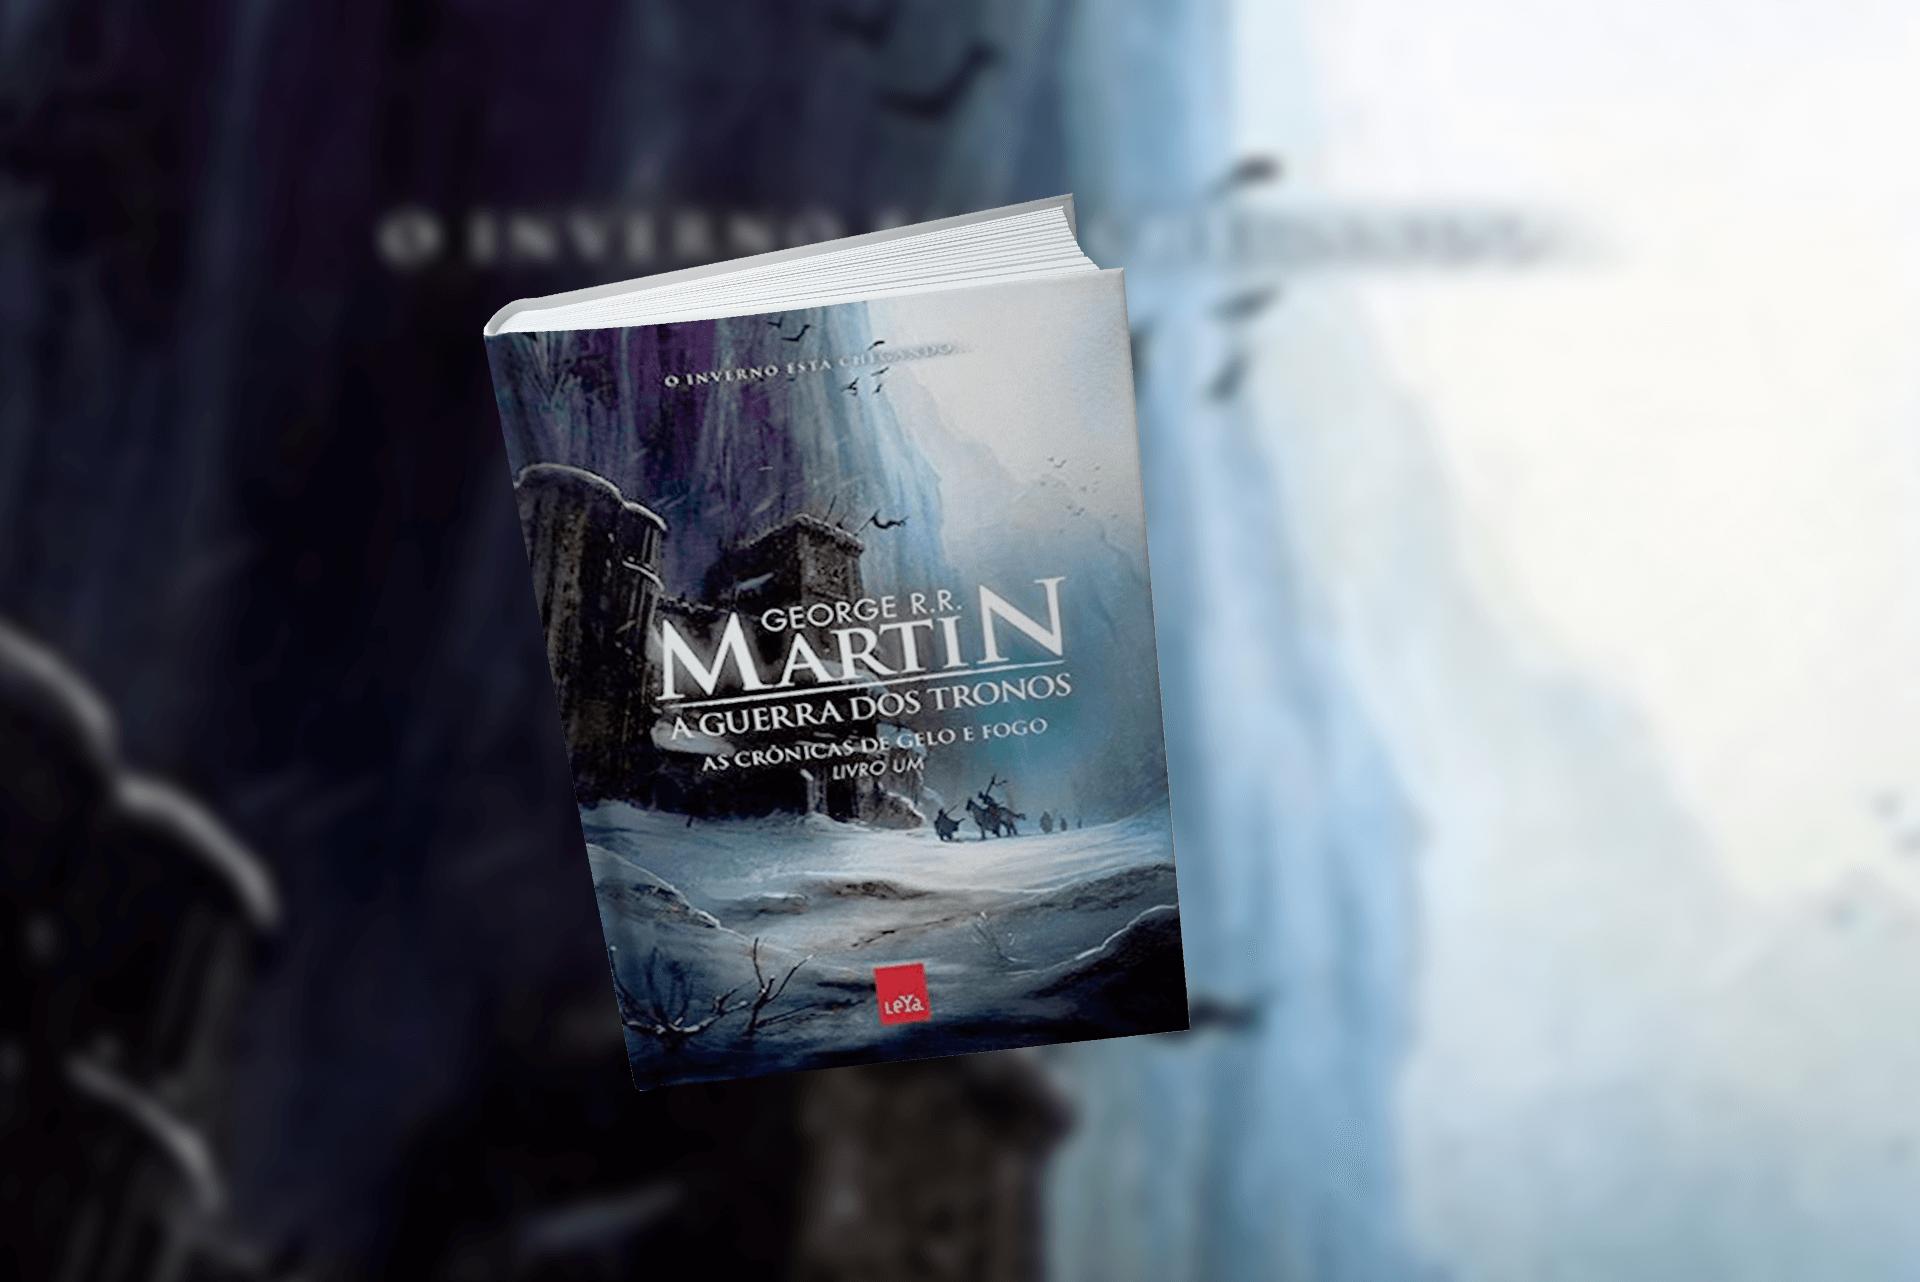 A guerra dos tronos – As crônicas de gelo e fogo